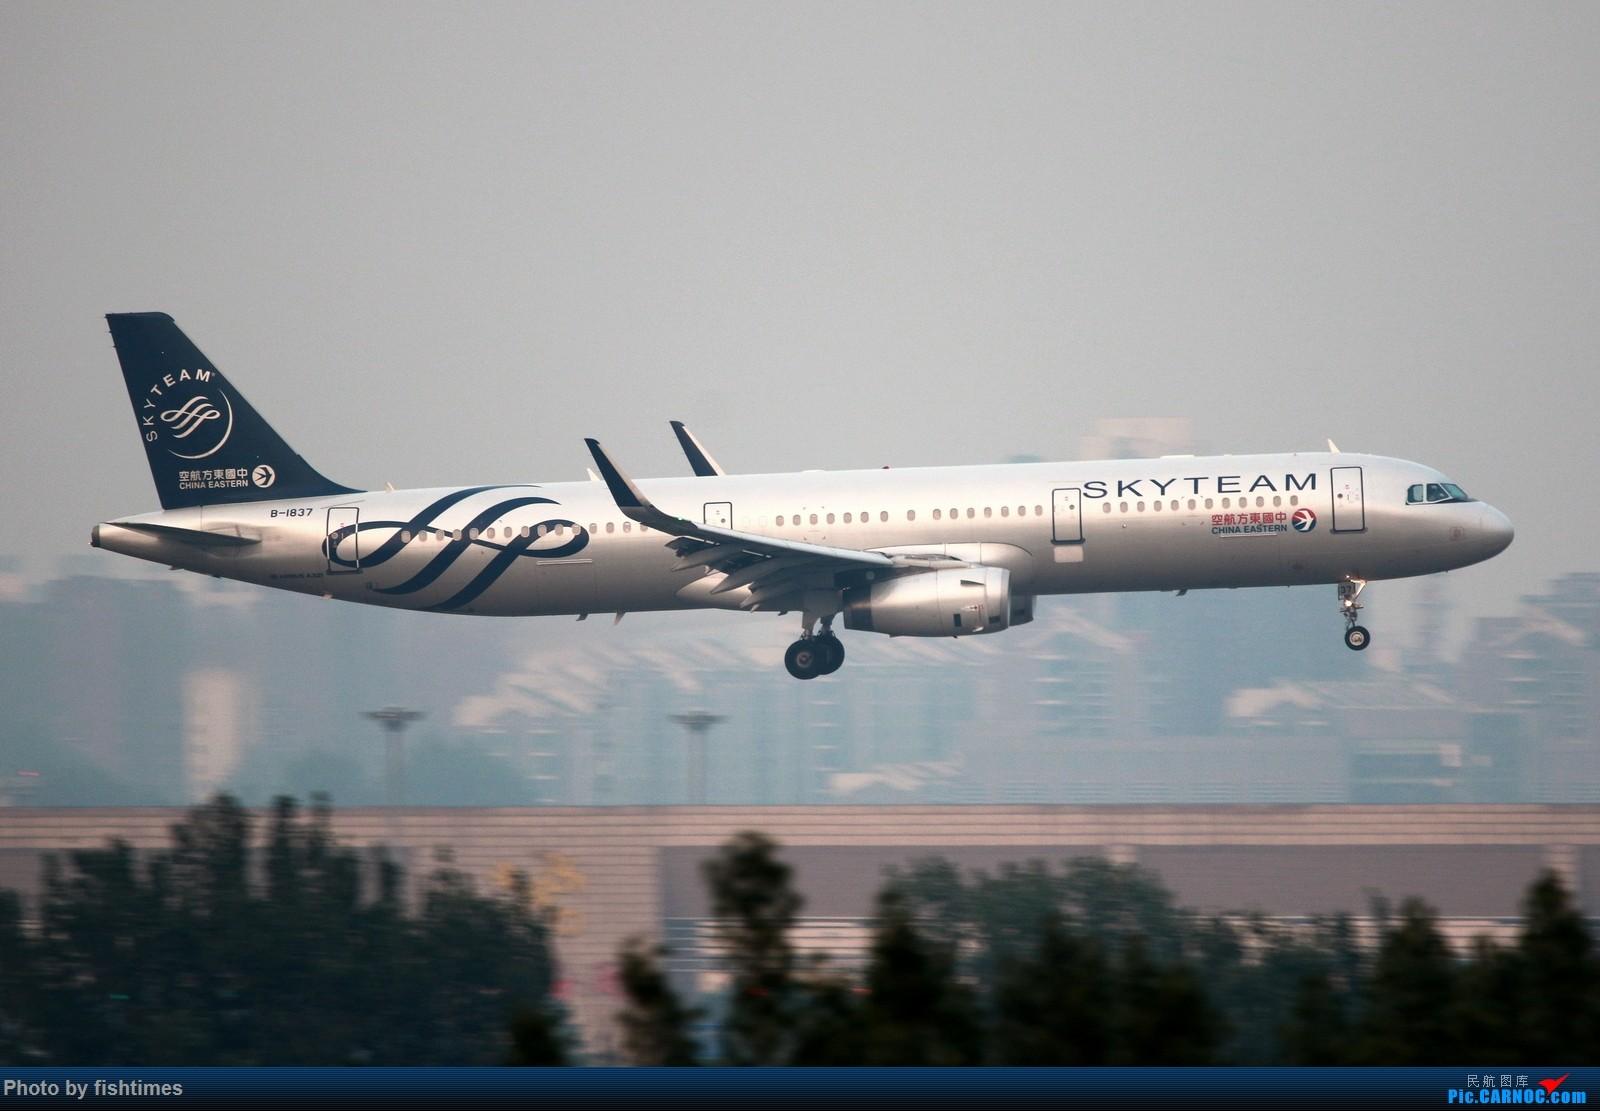 [原创]【PEK】【一图党】20170629_B-1837_SKYTEAM AIRBUS A321-200 B-1837 中国北京首都国际机场